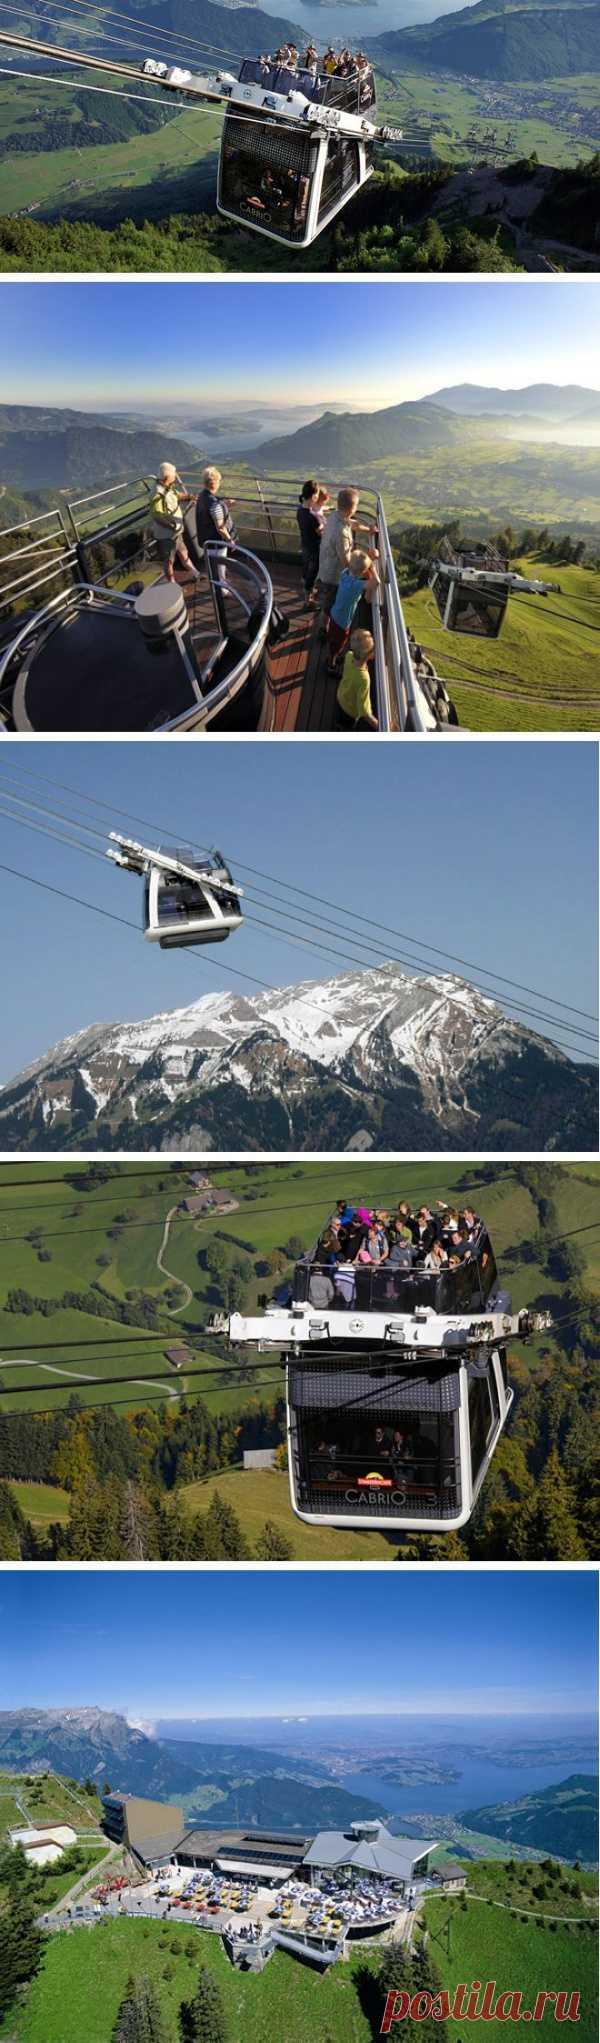 Кабриолет — первый в мире двухэтажный фуникулер. Швейцария